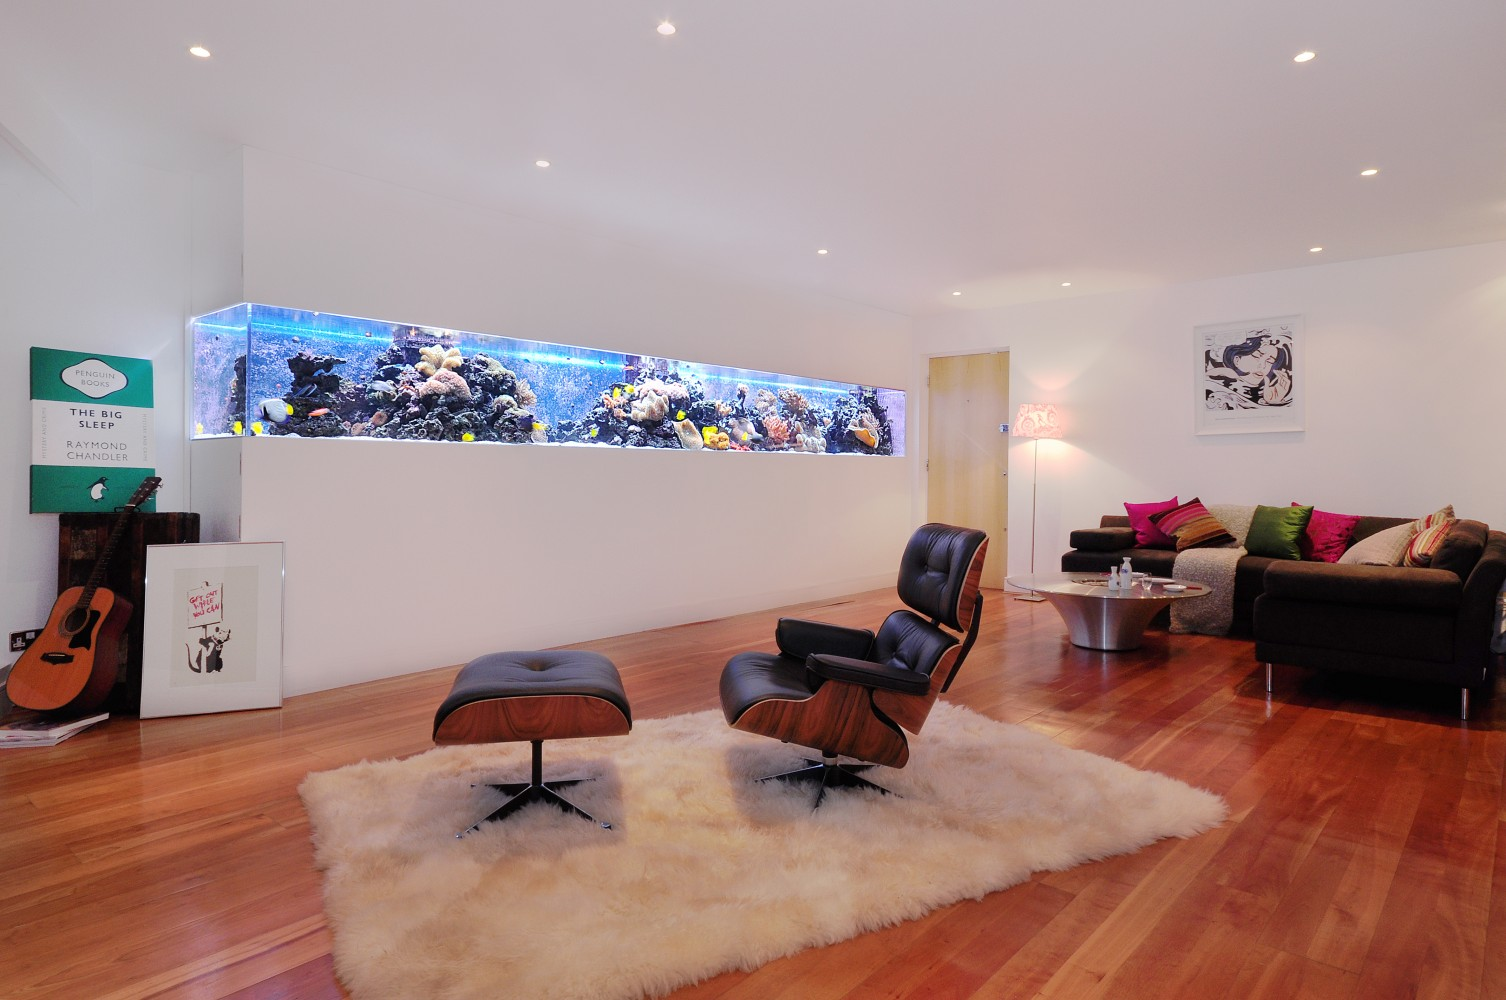 Аквариум в стене в интерьере гостиной